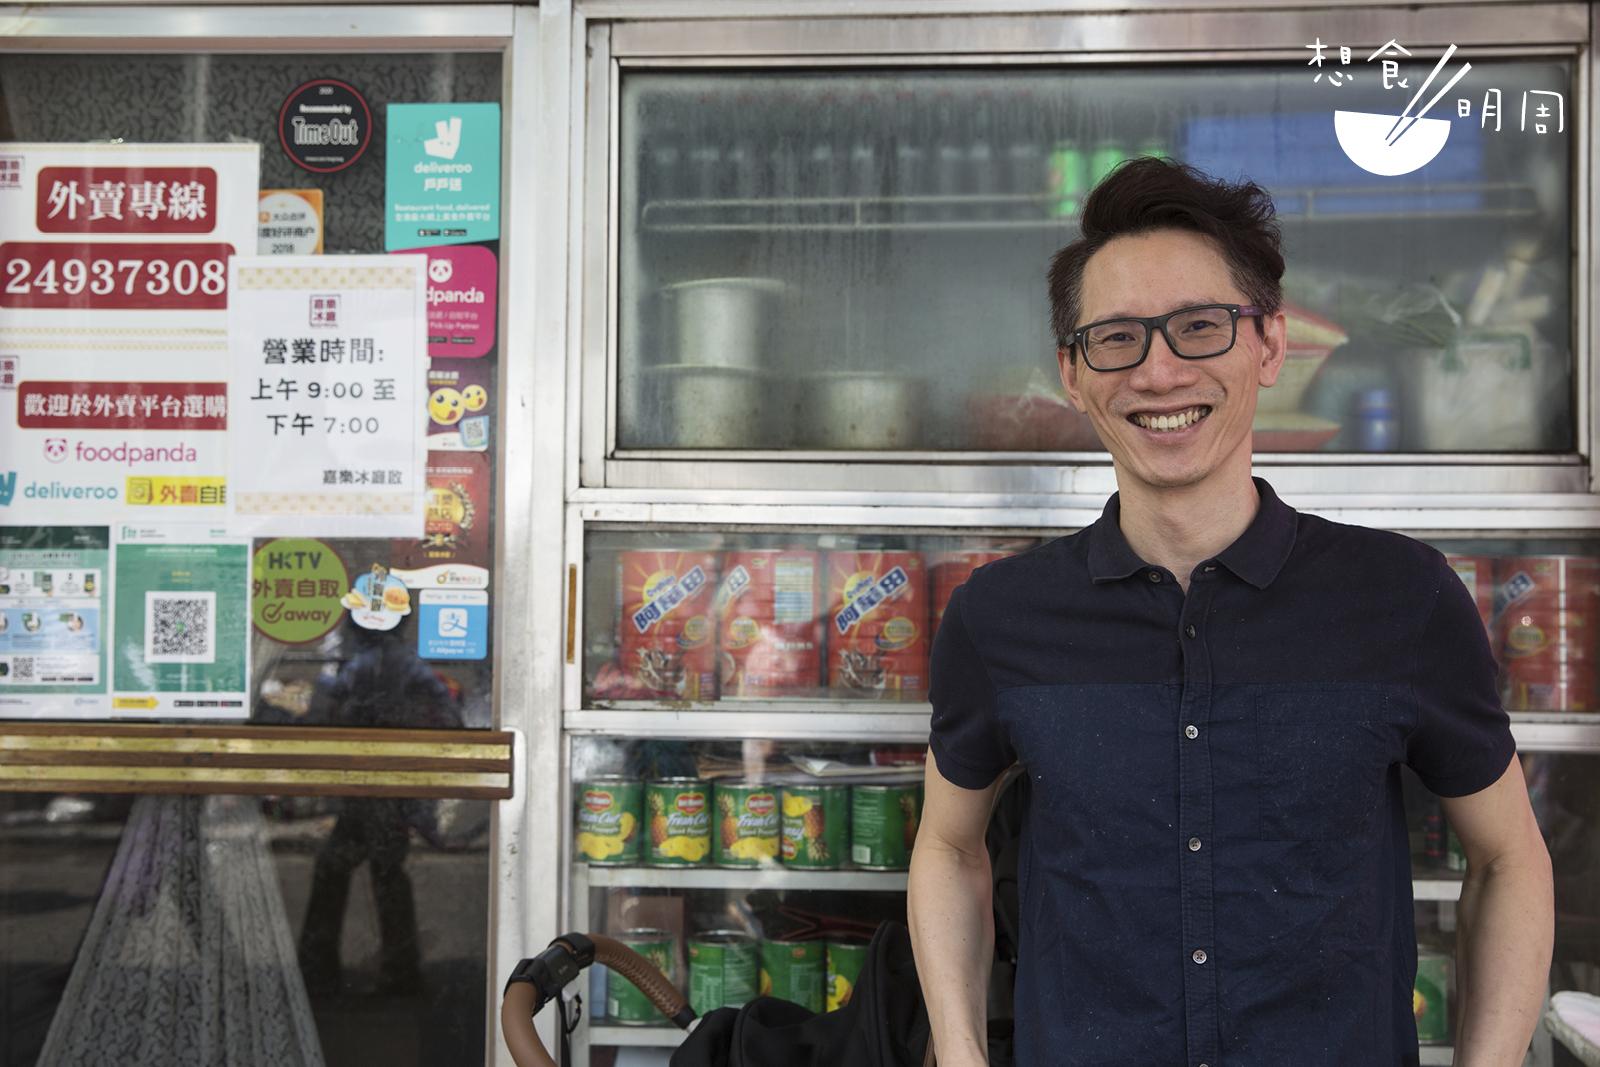 Daniel接手冰室後,希望將懷舊飲品重新包裝,以全新 方式推廣冰室飲食文化。